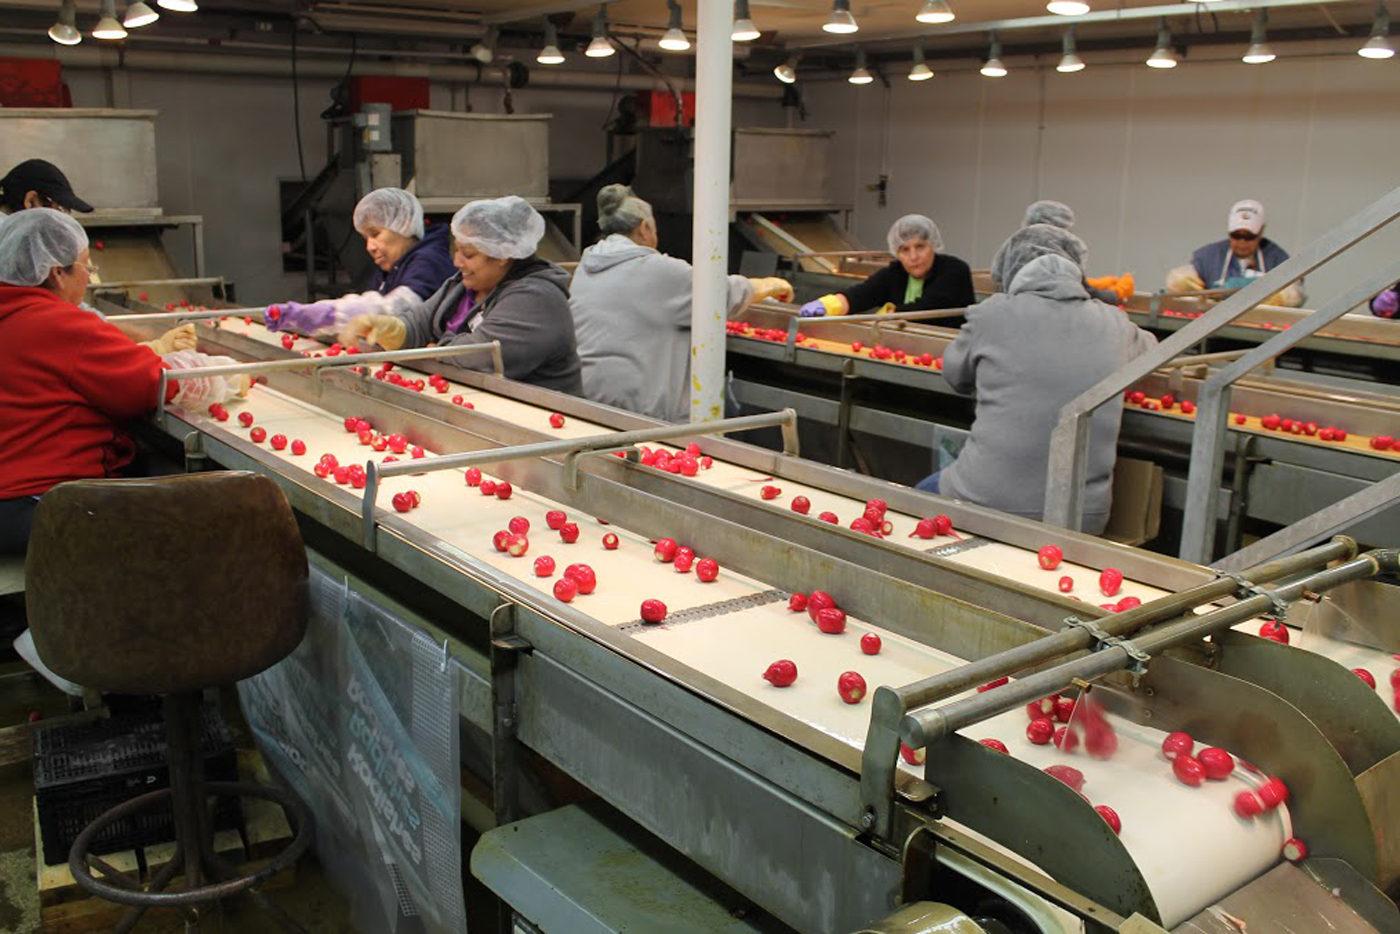 Trabajadores seleccionan y empacan rábanos en una empresa de Ohio, cerca a Willard, donde el mexicano Jesús Lara López está en riesgo de deportación. Foto: Tomada de internet.